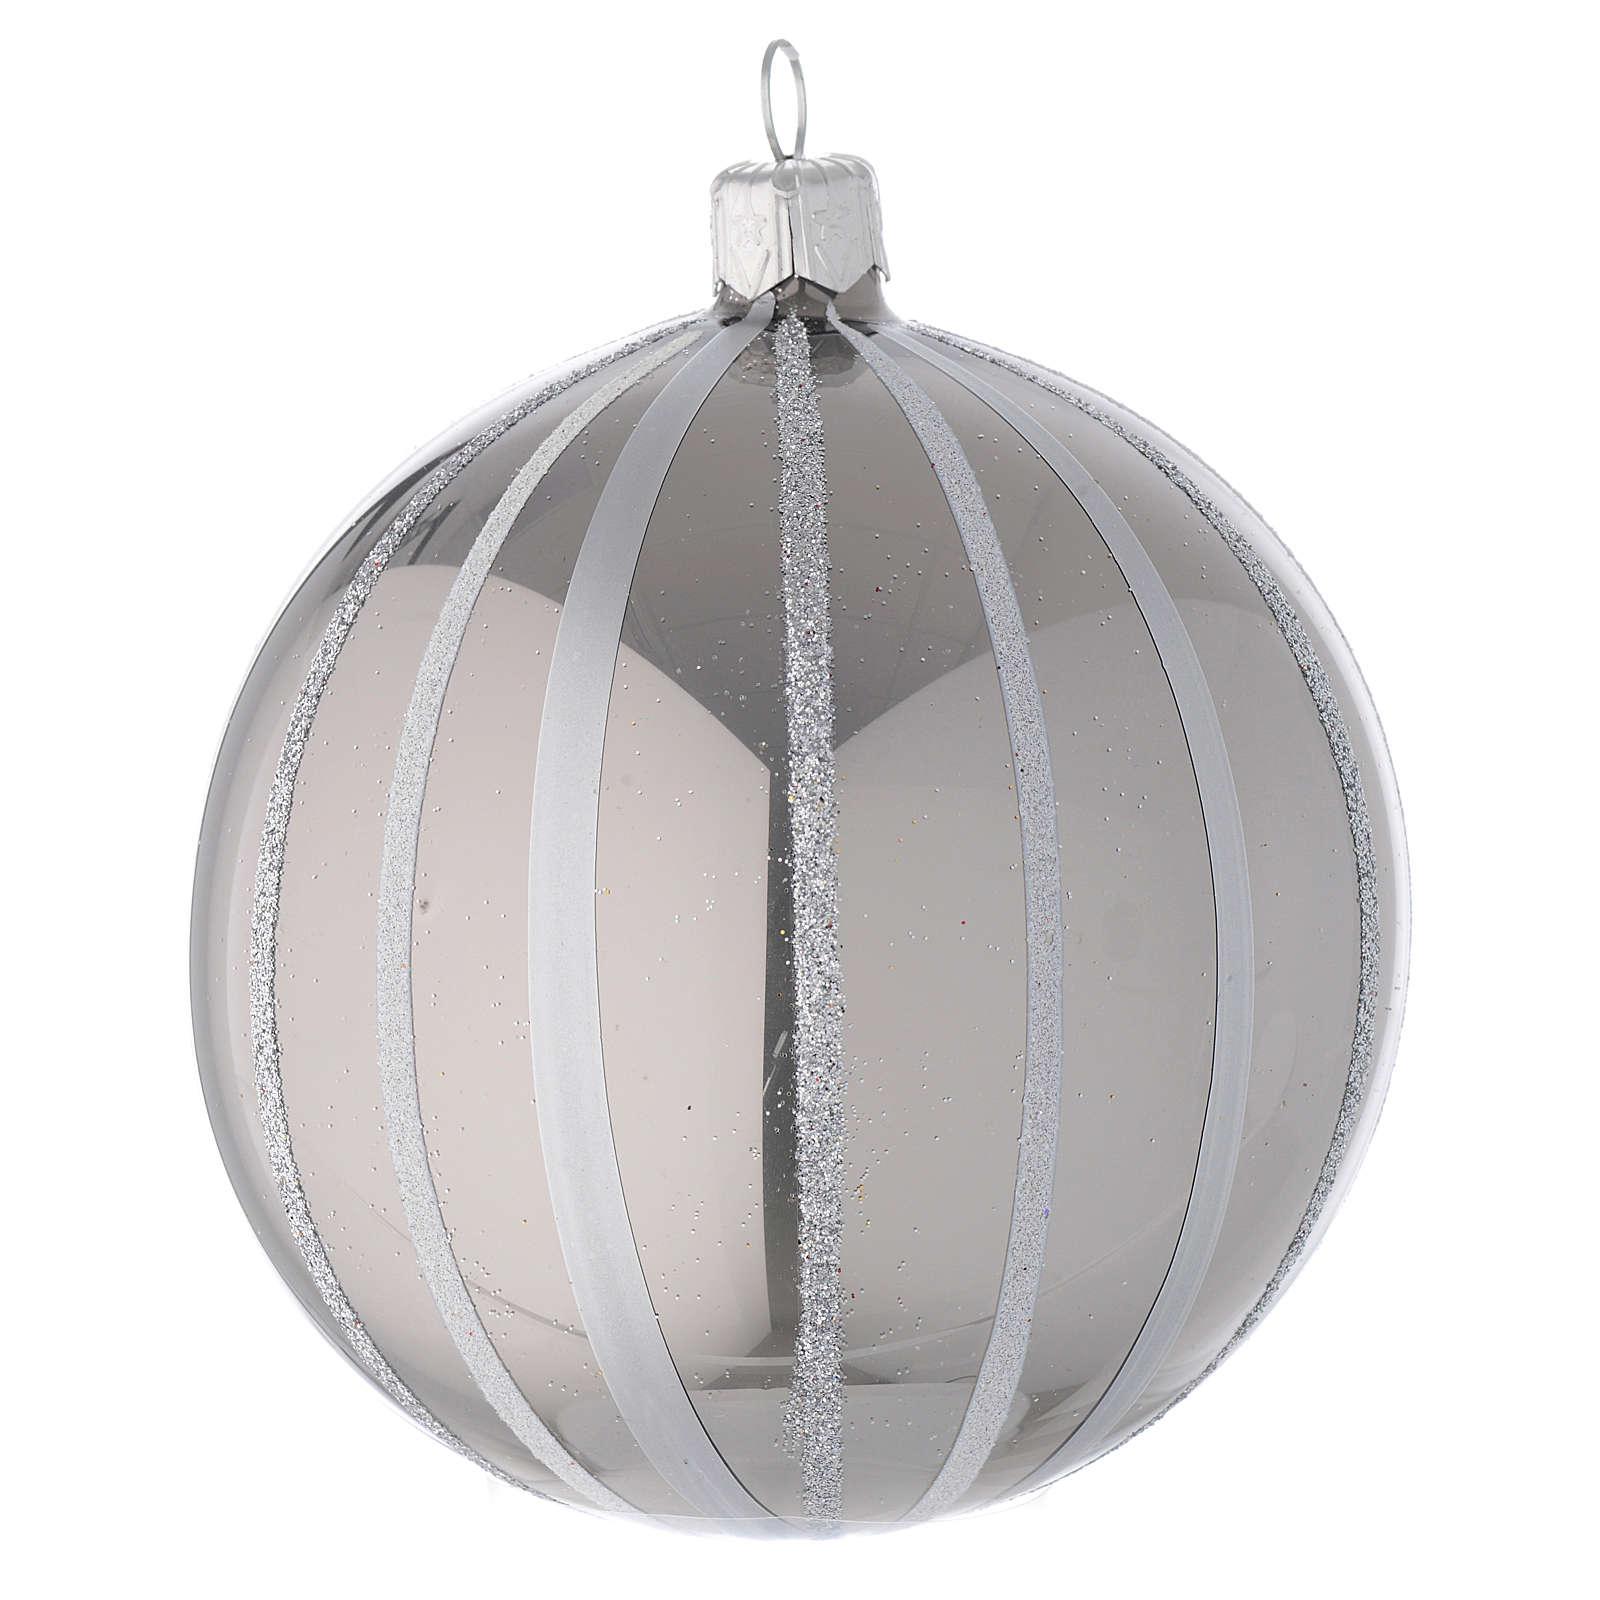 Adorno para árbol de Navidad de vidrio plata con rayas 100 mm 4